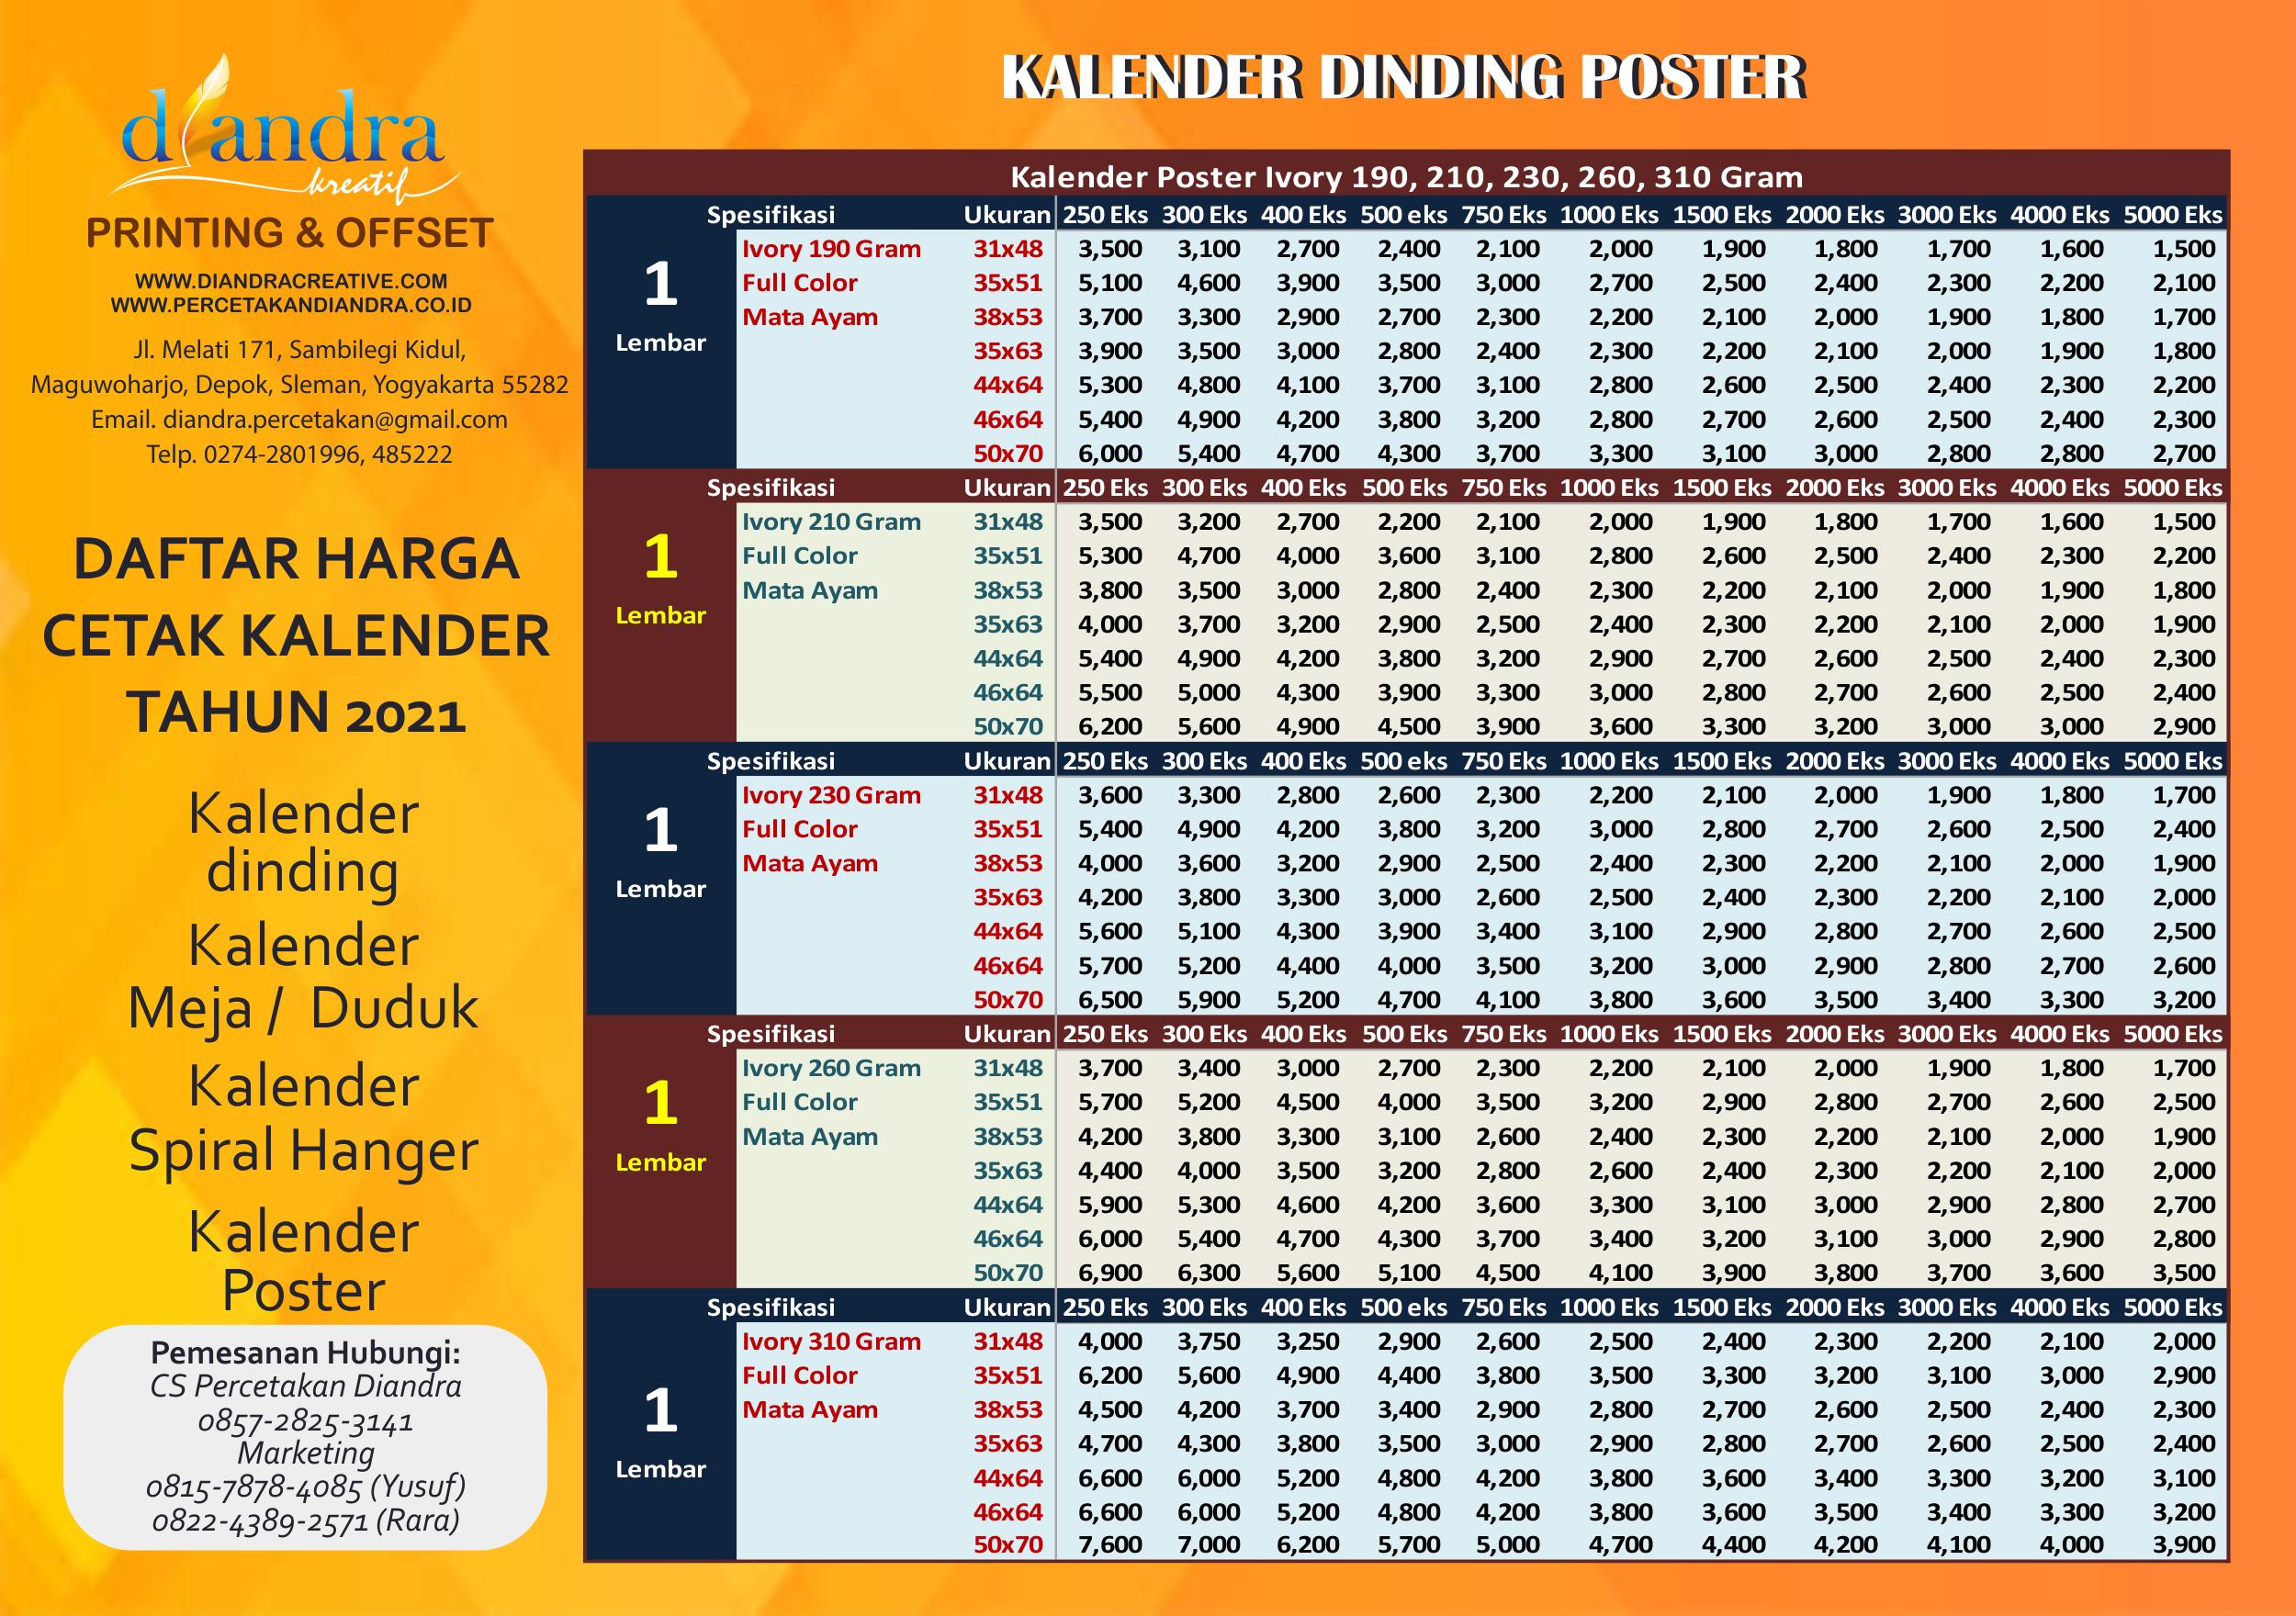 Harga Cetak Kalender Poster